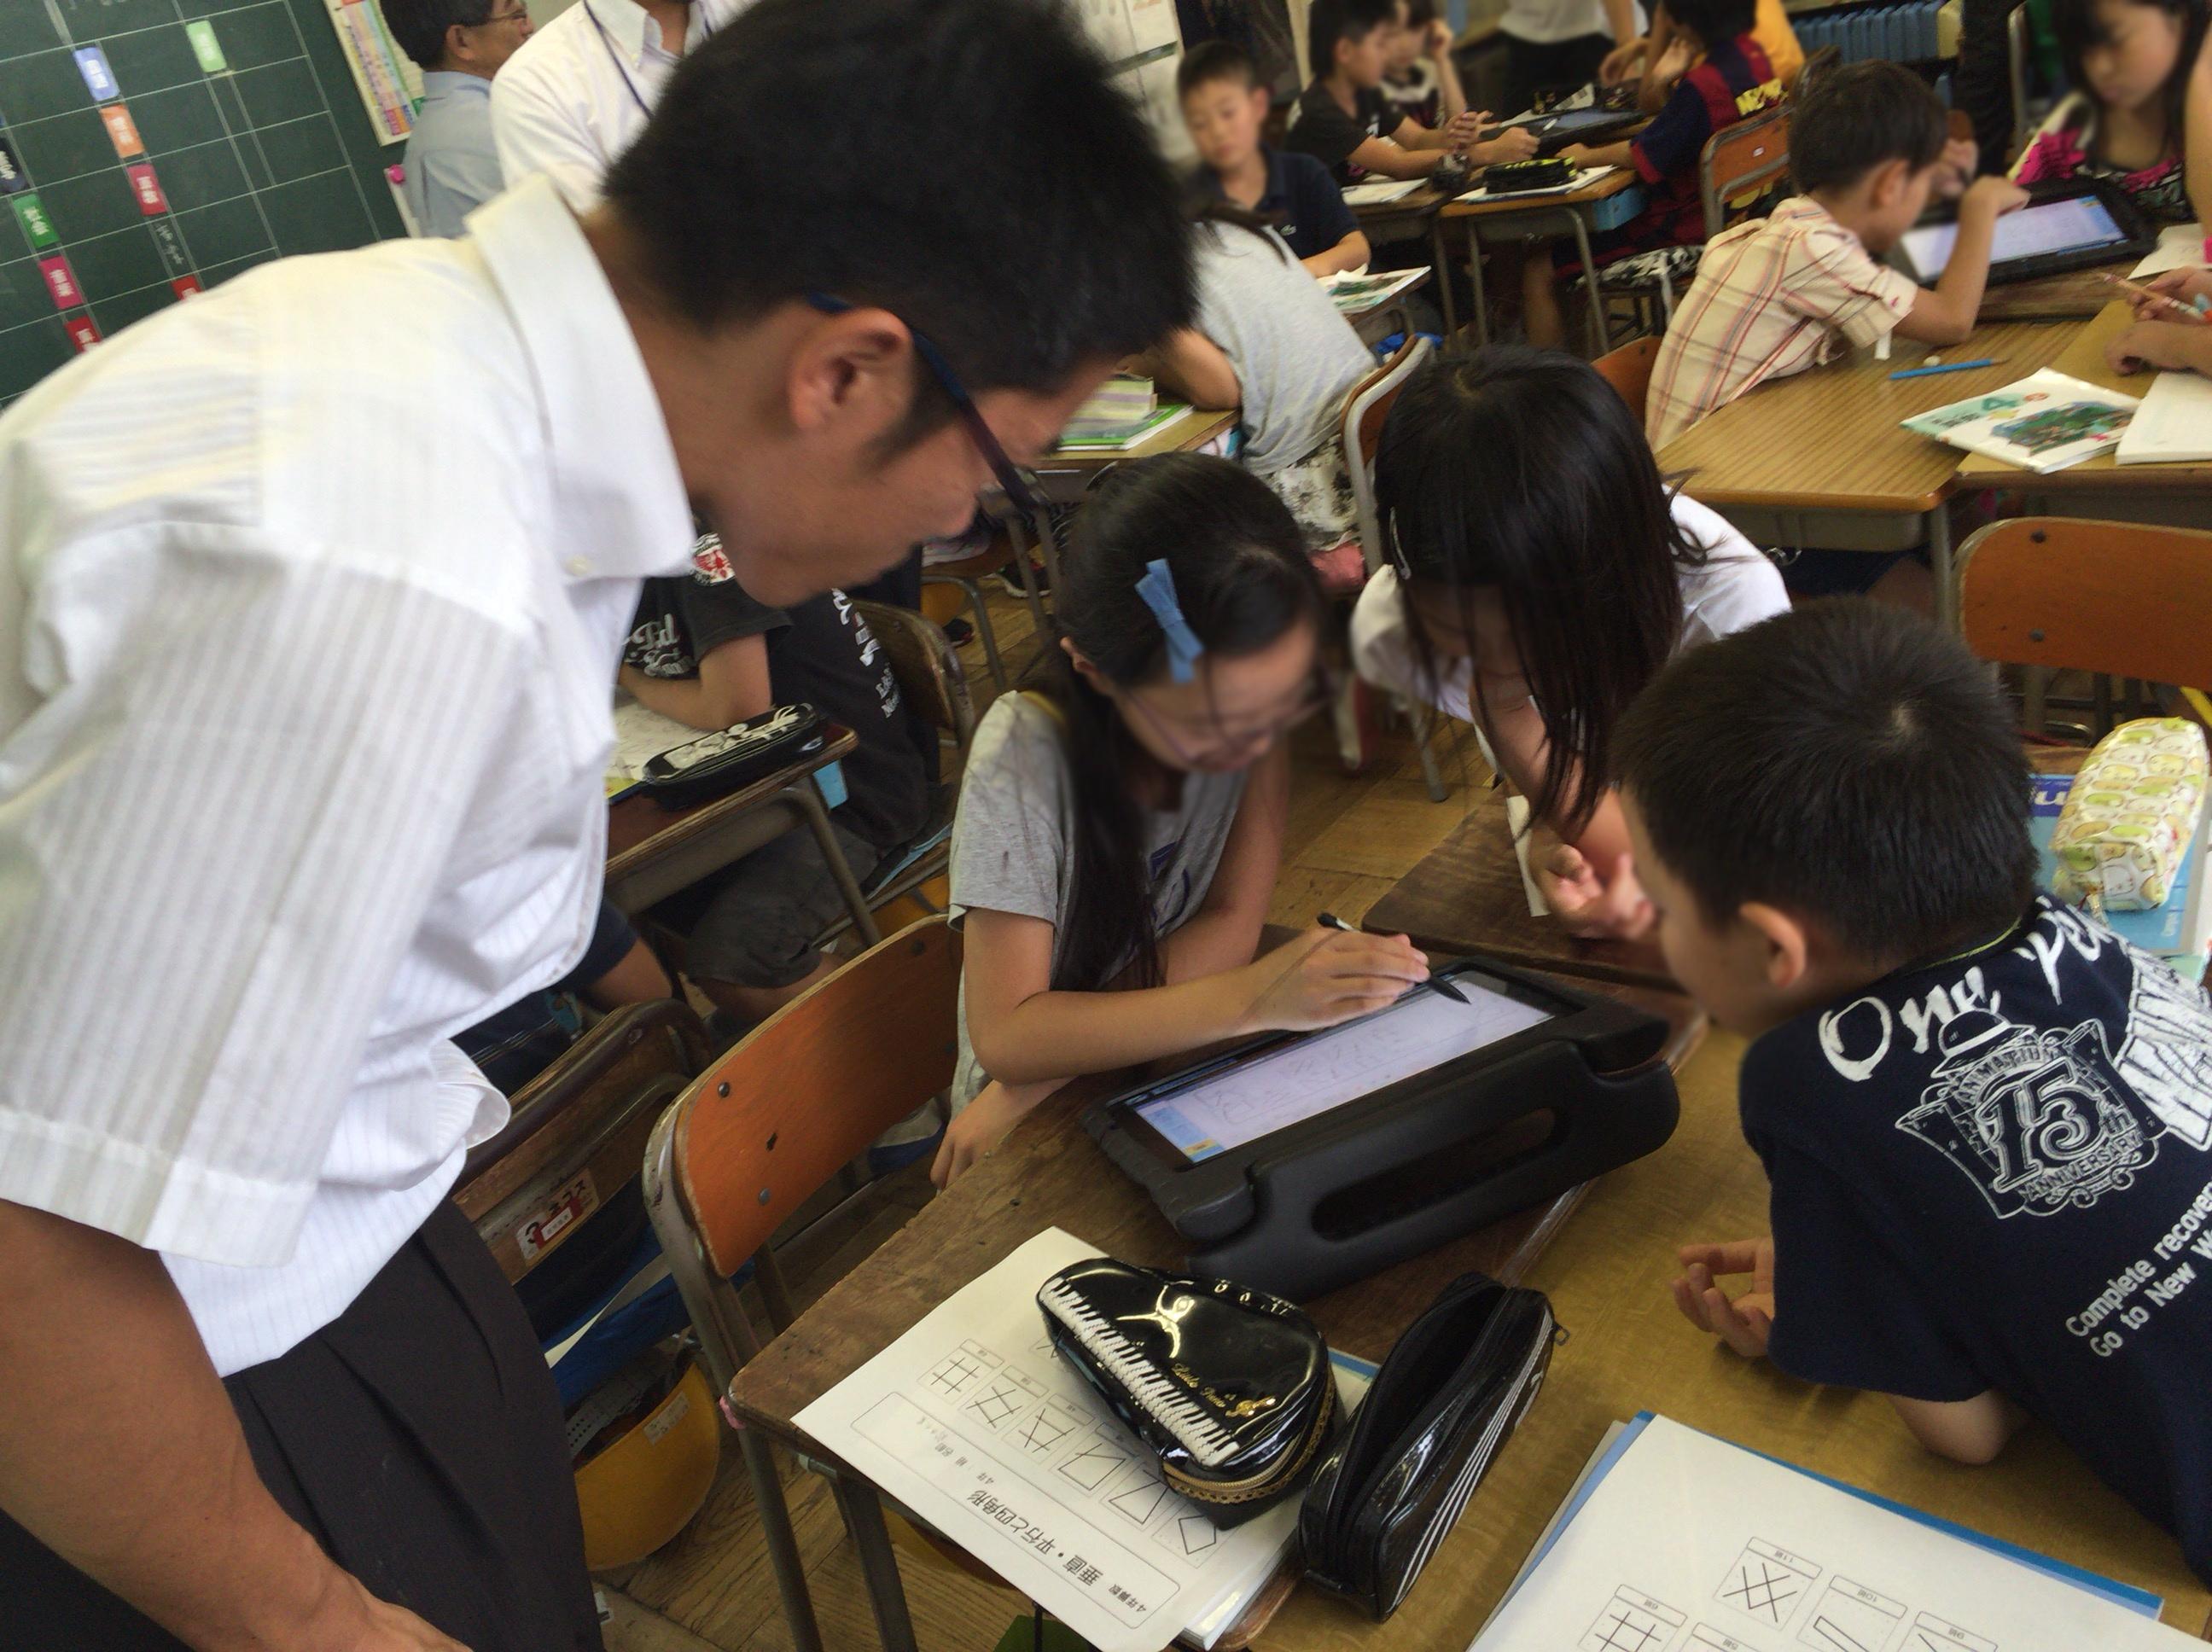 公立学校の授業におけるタブレット端末の活用